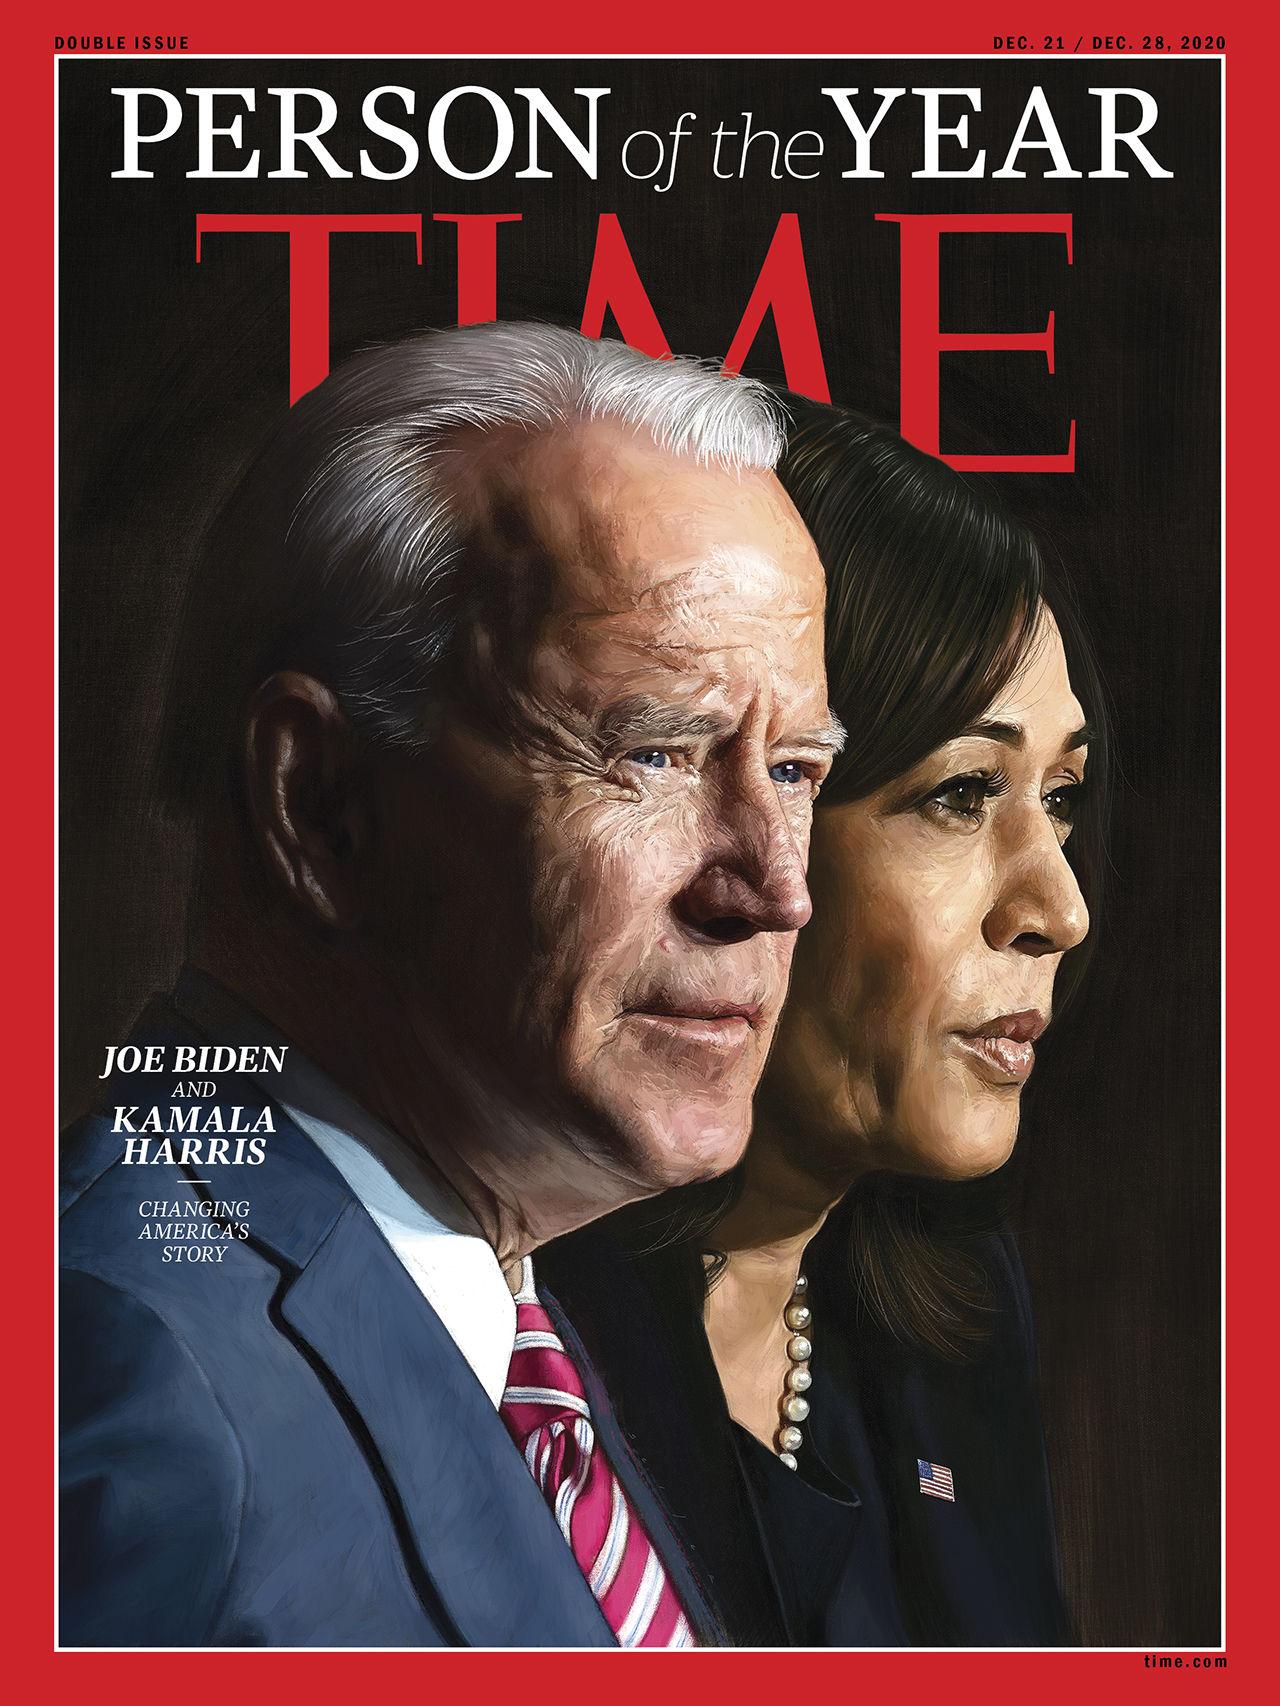 Joe Biden och Kamala Harris är Årets personer enligt TIME